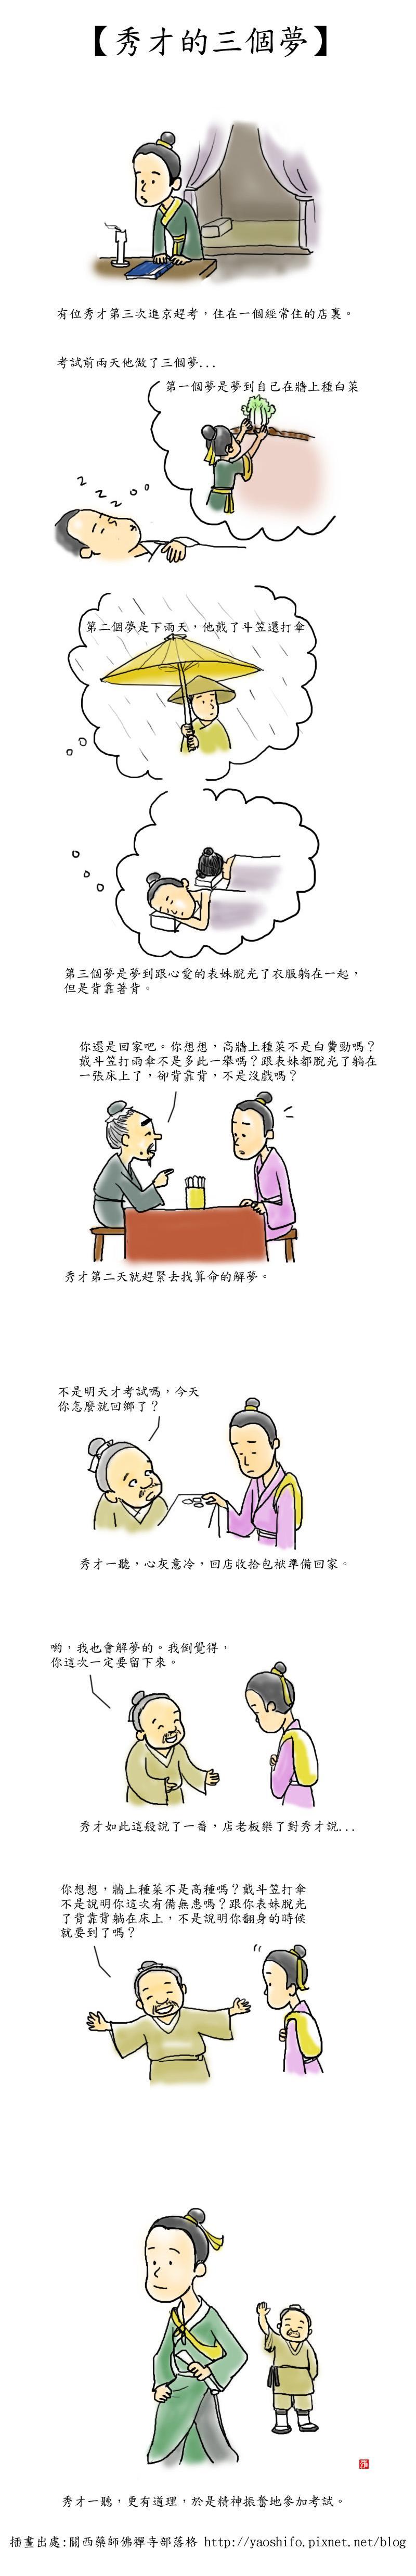 漫畫秀才的3個夢_01.JPG